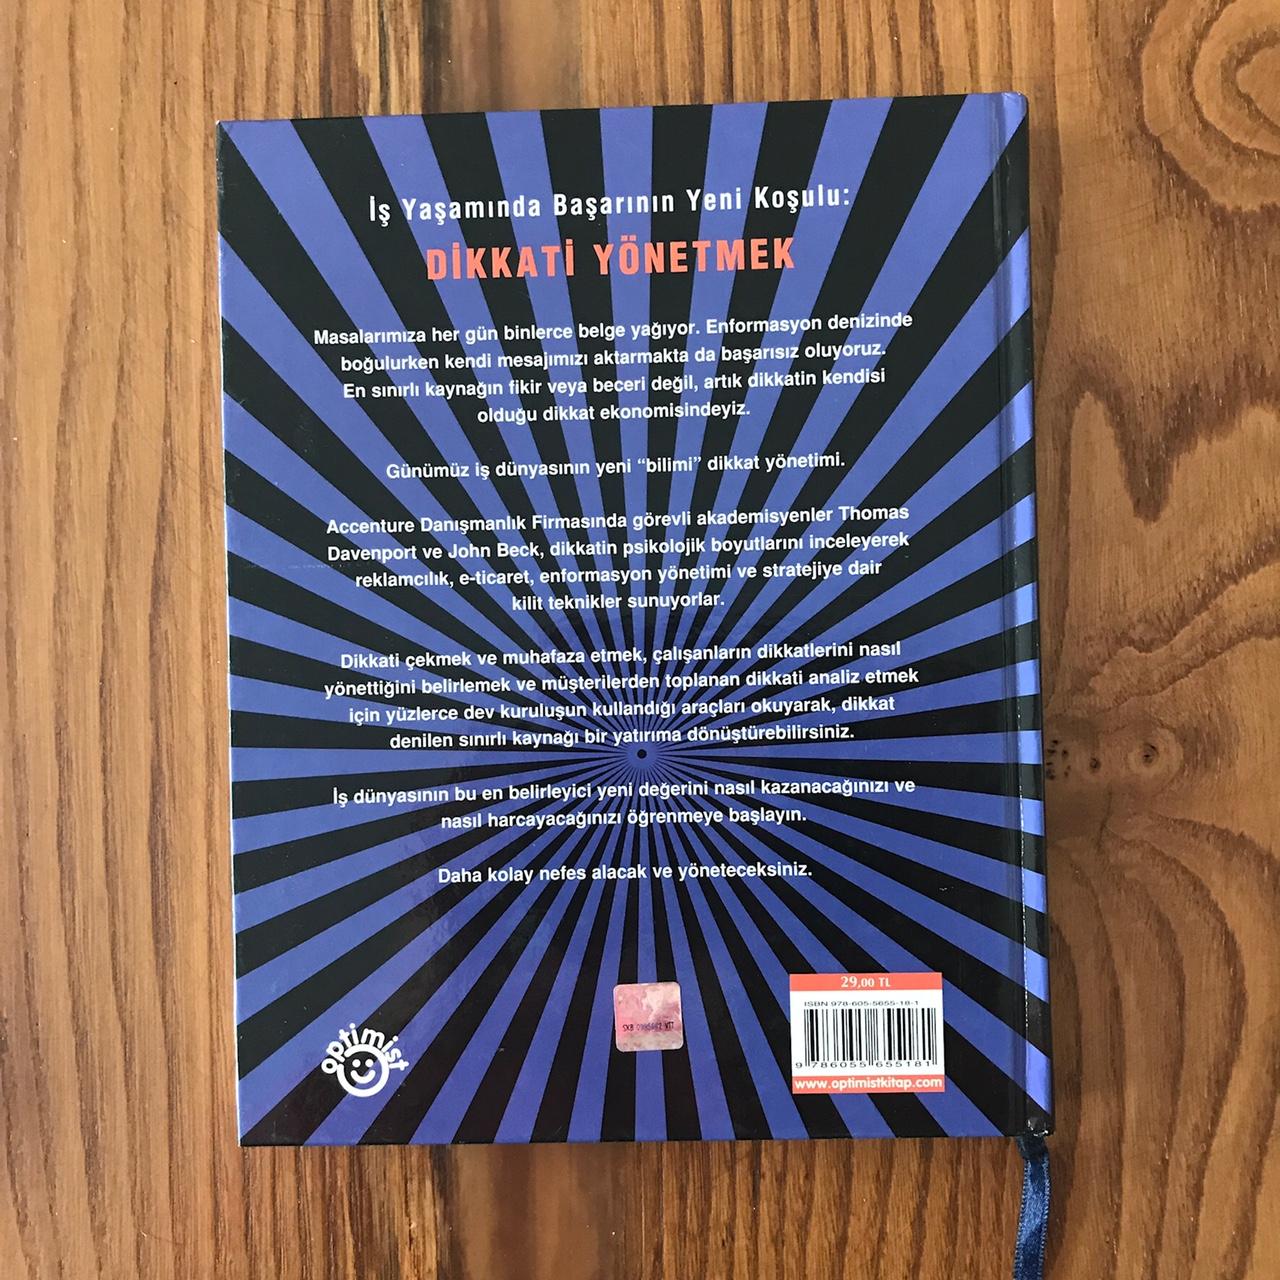 Dikkat Ekonomisi - Is Dunyasinin Yeni Degerini Anlamak (Kitap) Arka Kapak